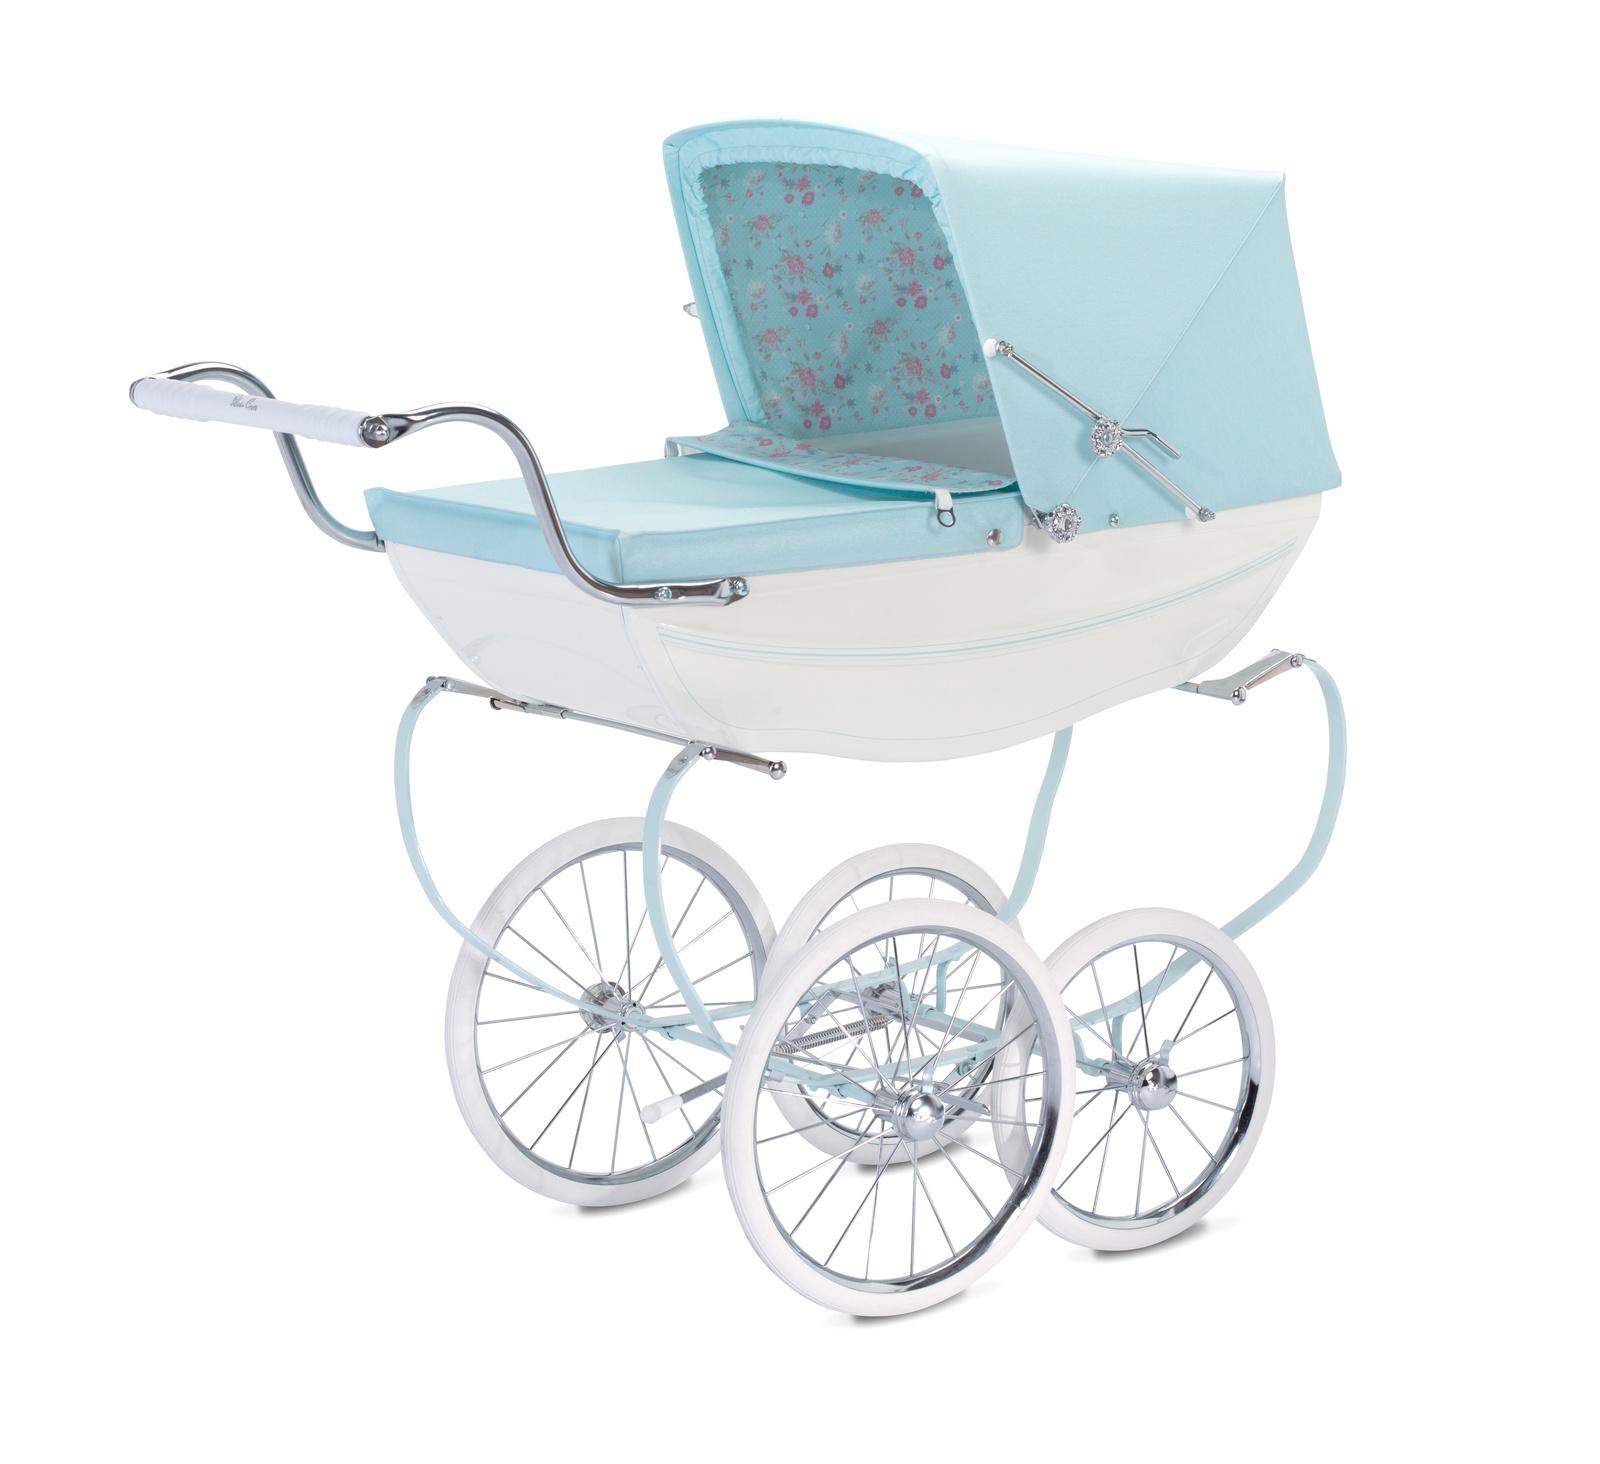 Транспорт для кукол Silver Cross SX6072.00 голубой цена 2017